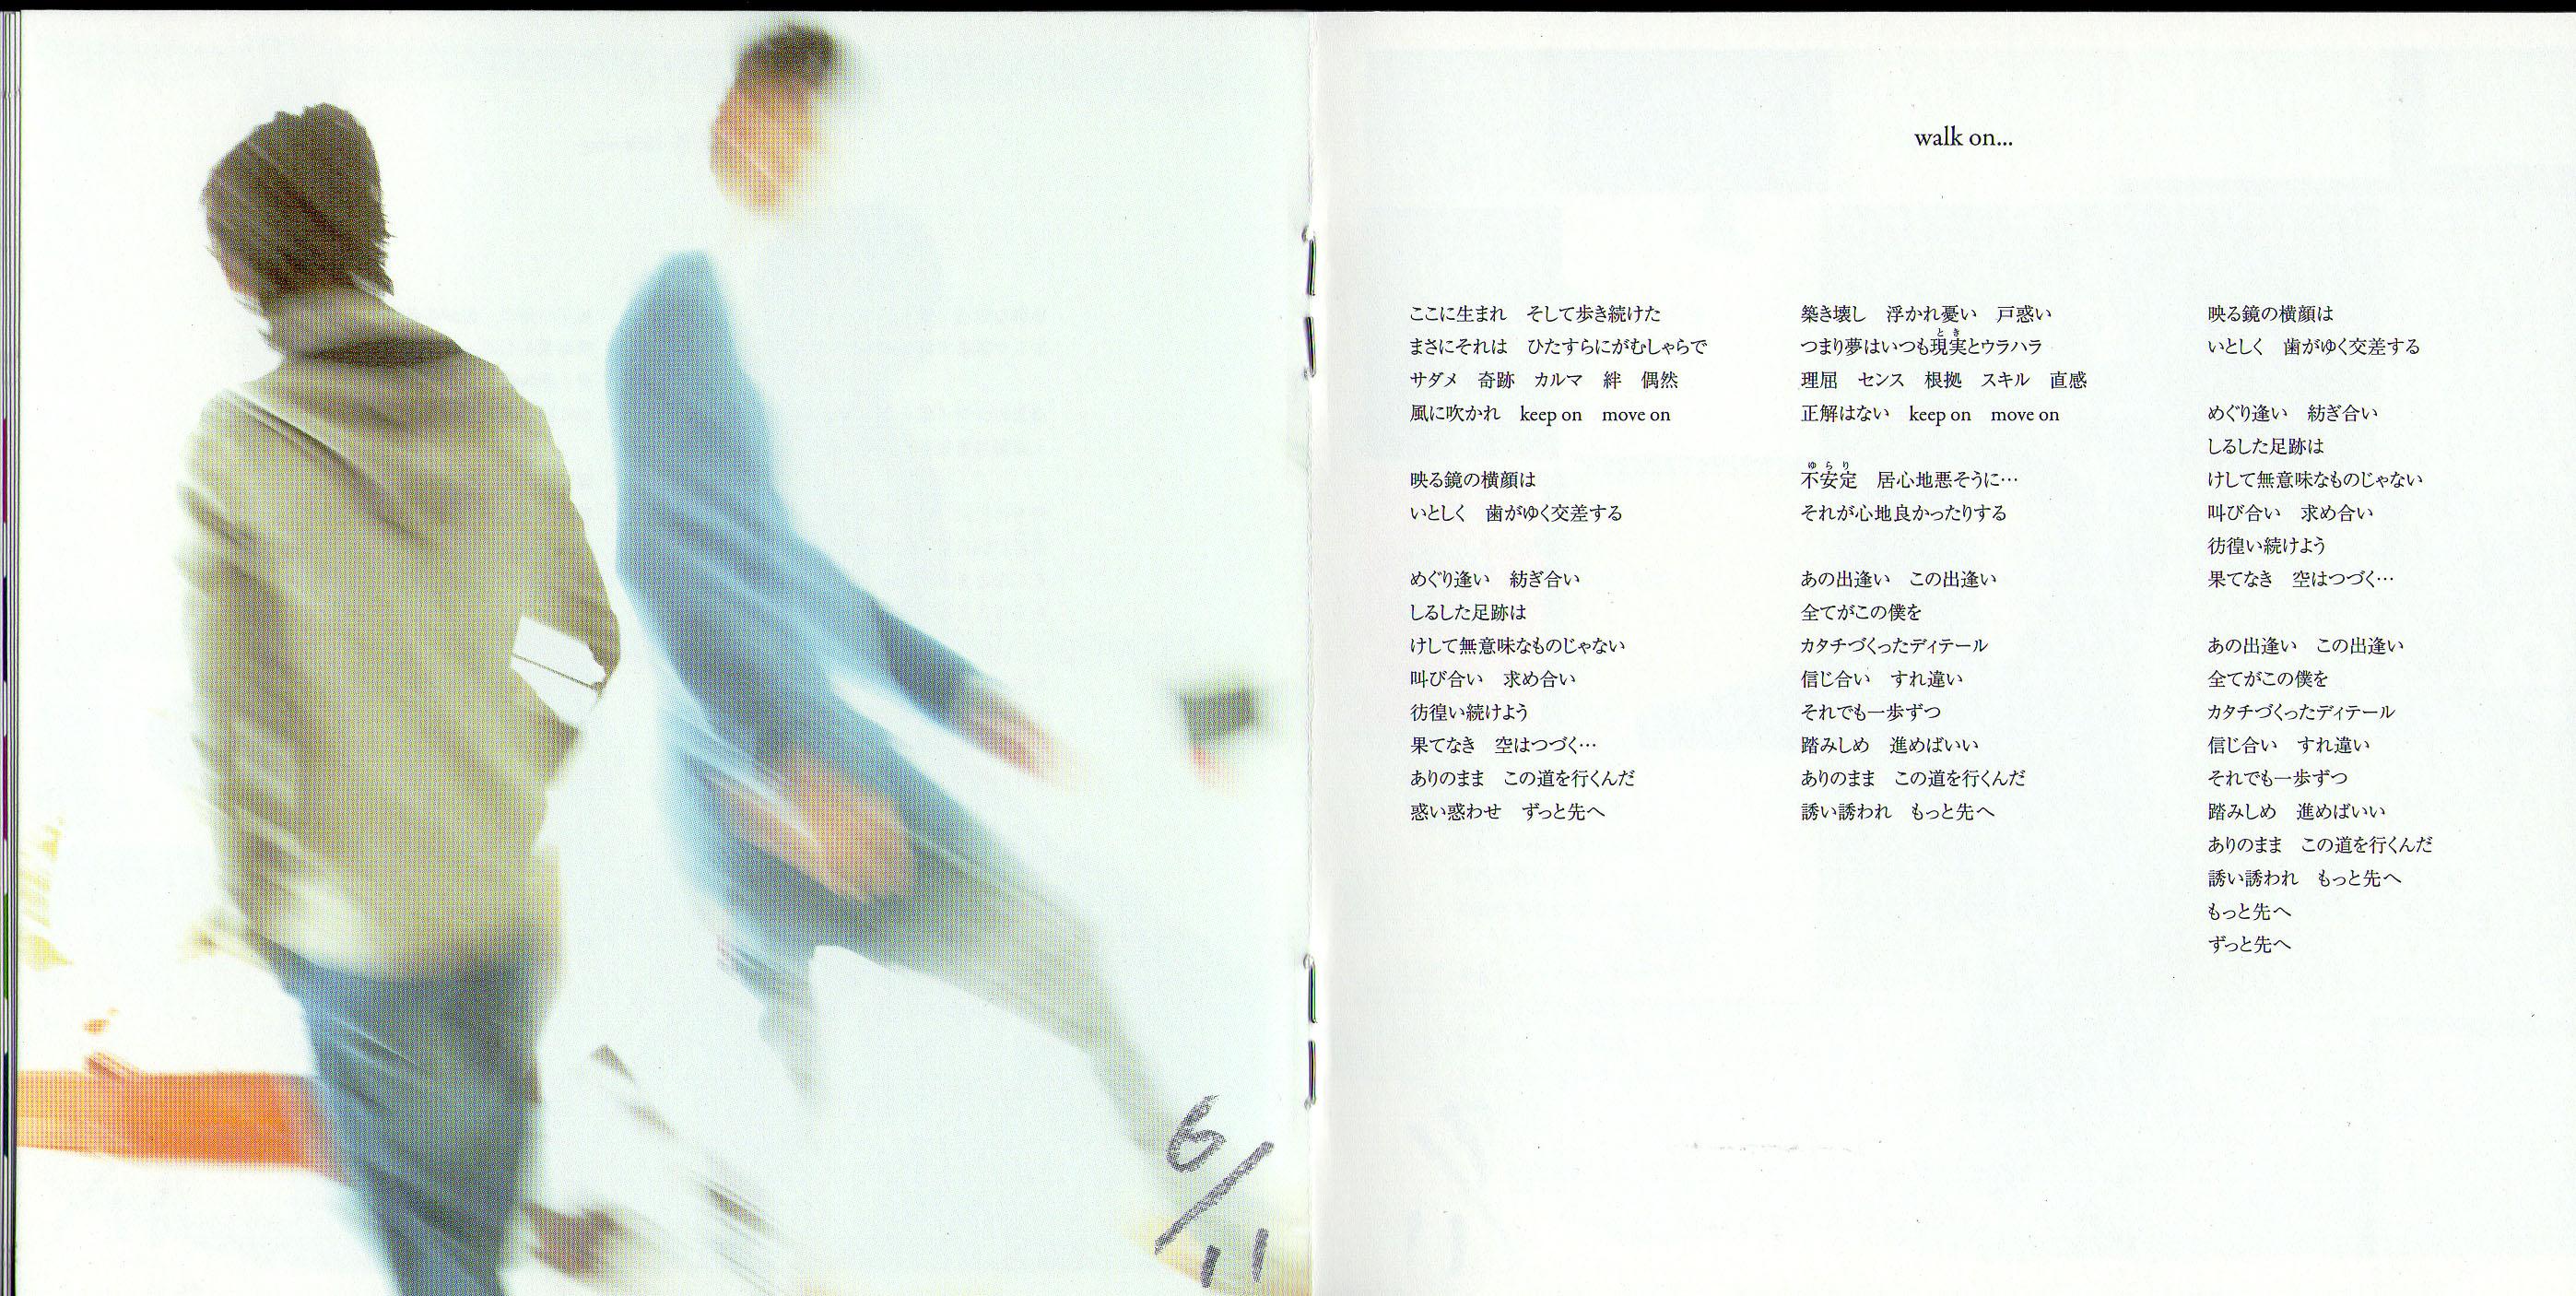 歌詞13-14.jpg